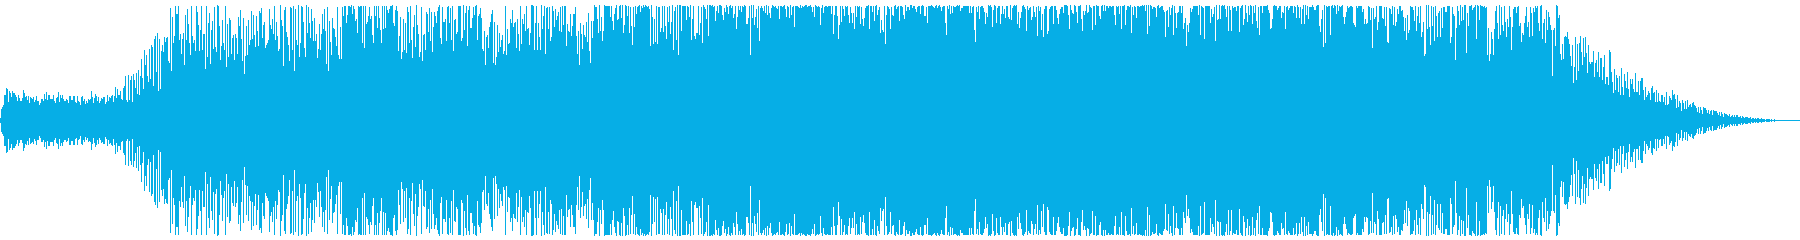 成層圏を浮遊するイメージの再生済みの波形